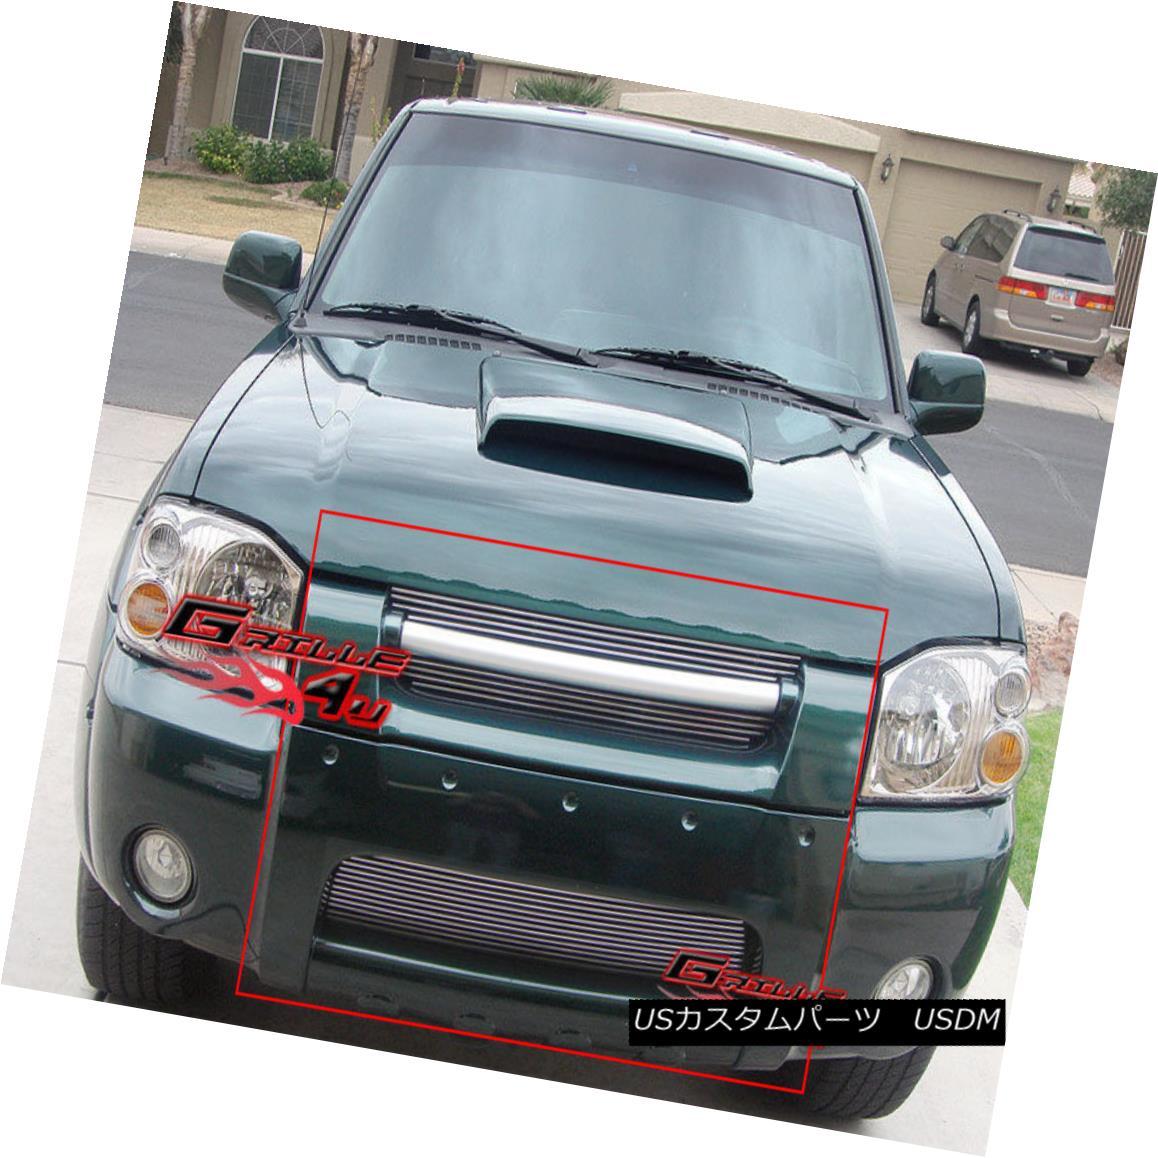 グリル Fits 01-04 Nissan Frontier Billet Grille Combo Upper+Lower フィット01-04日産フロンティアビレットグリルコンボアッパー+ロワー